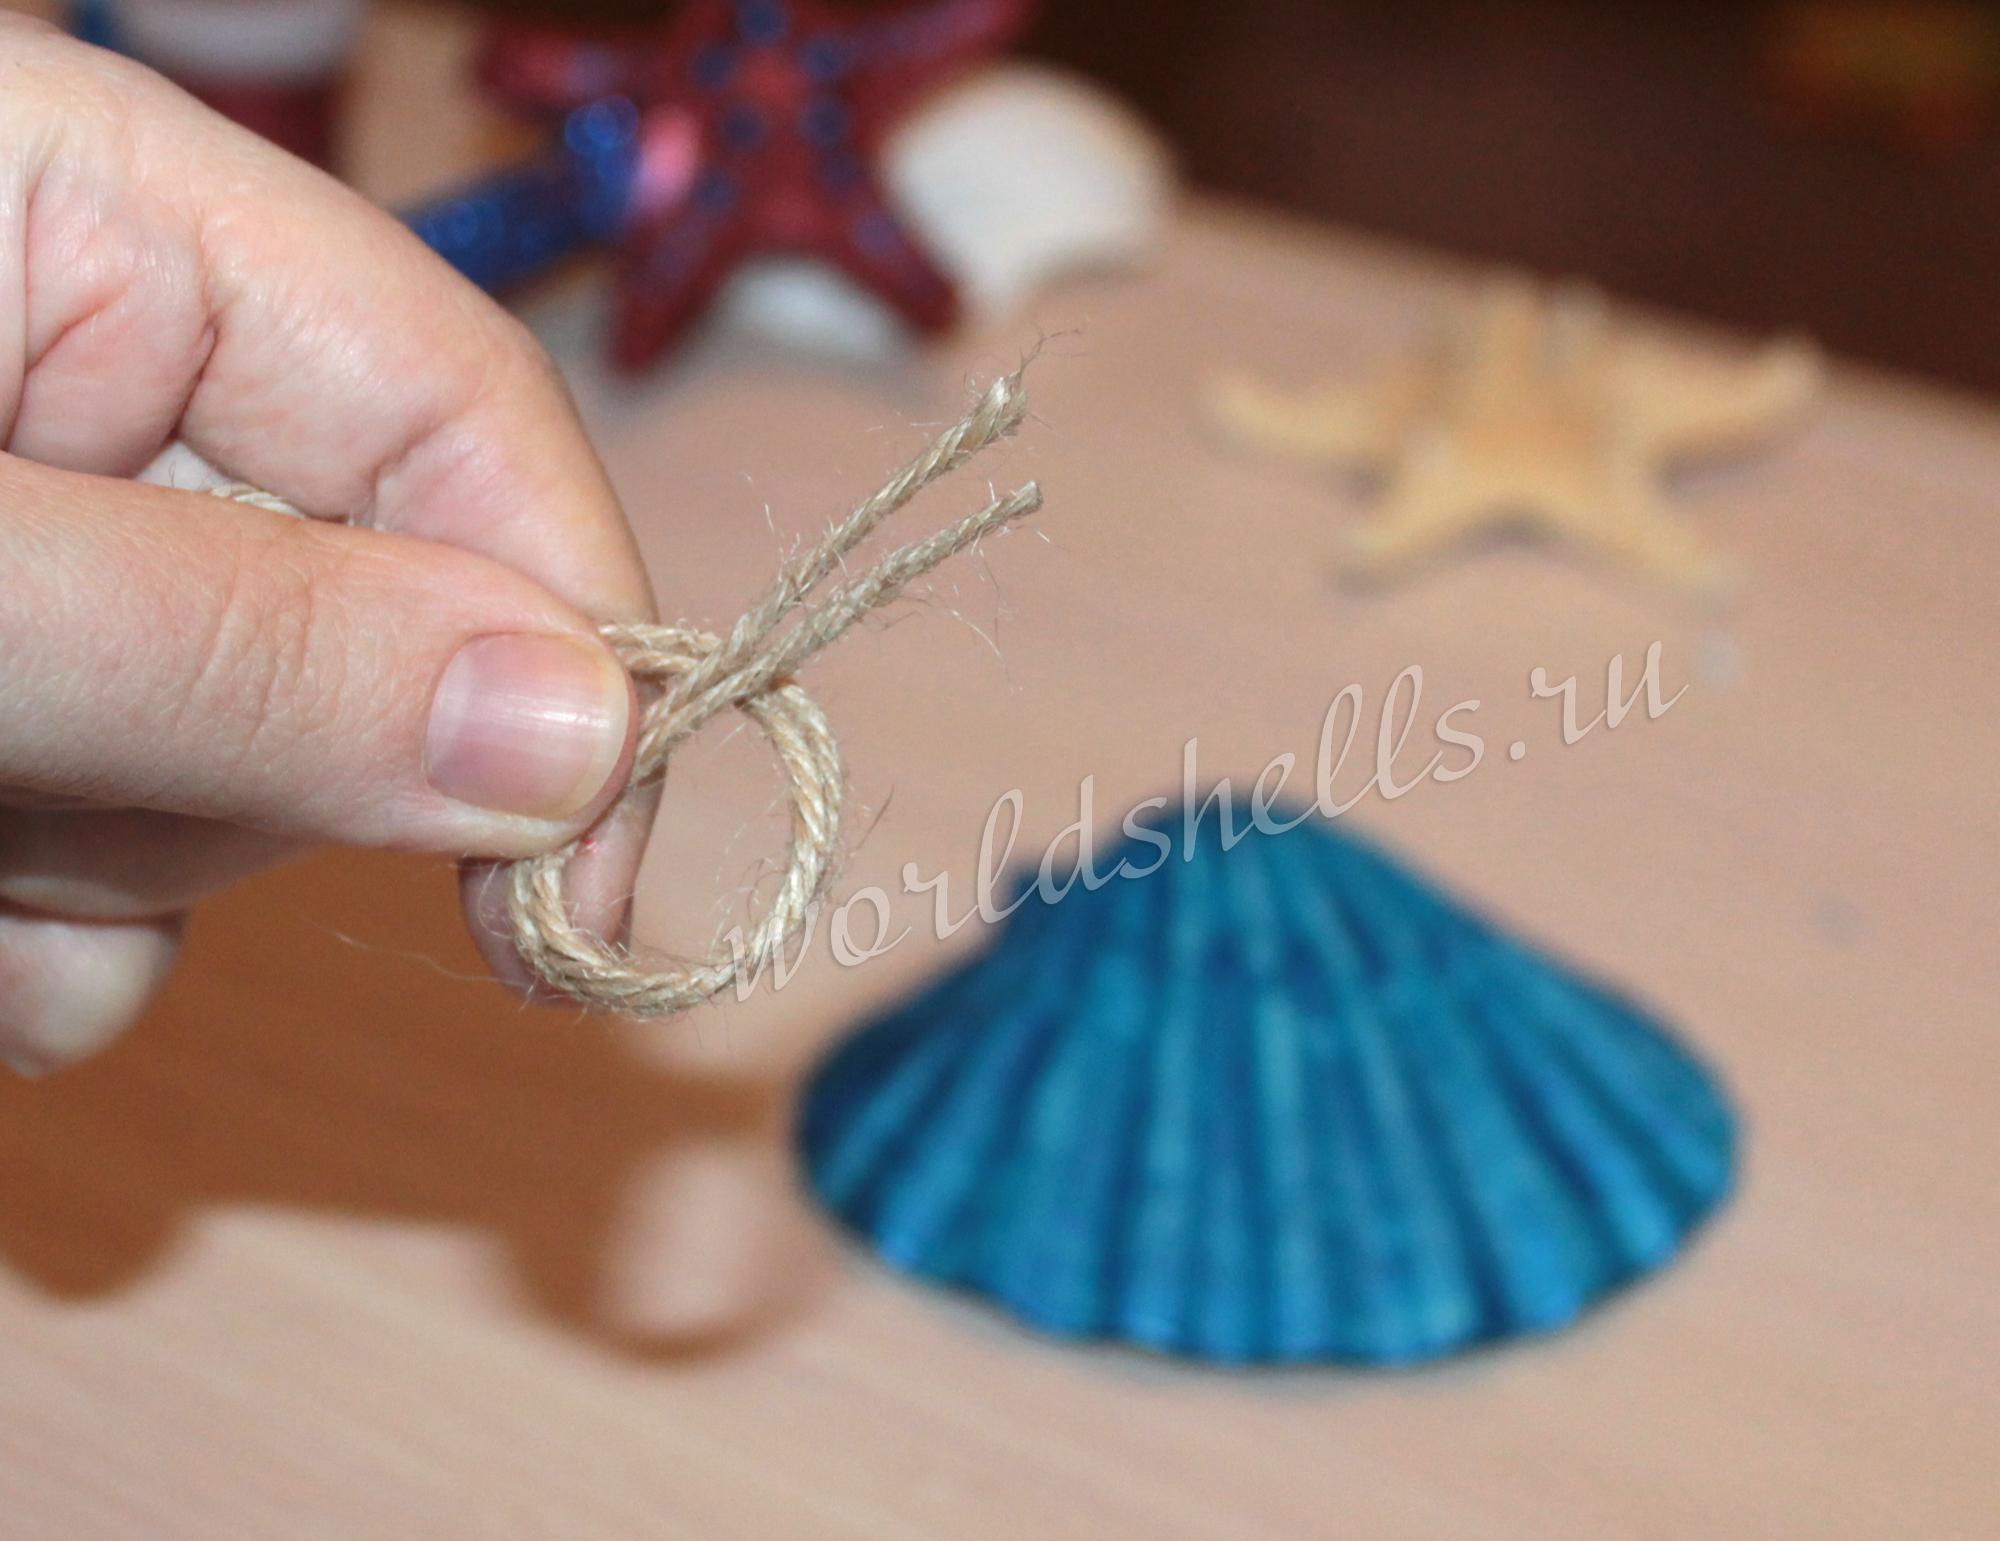 Приклеиваем к ракушки петлю из веревки